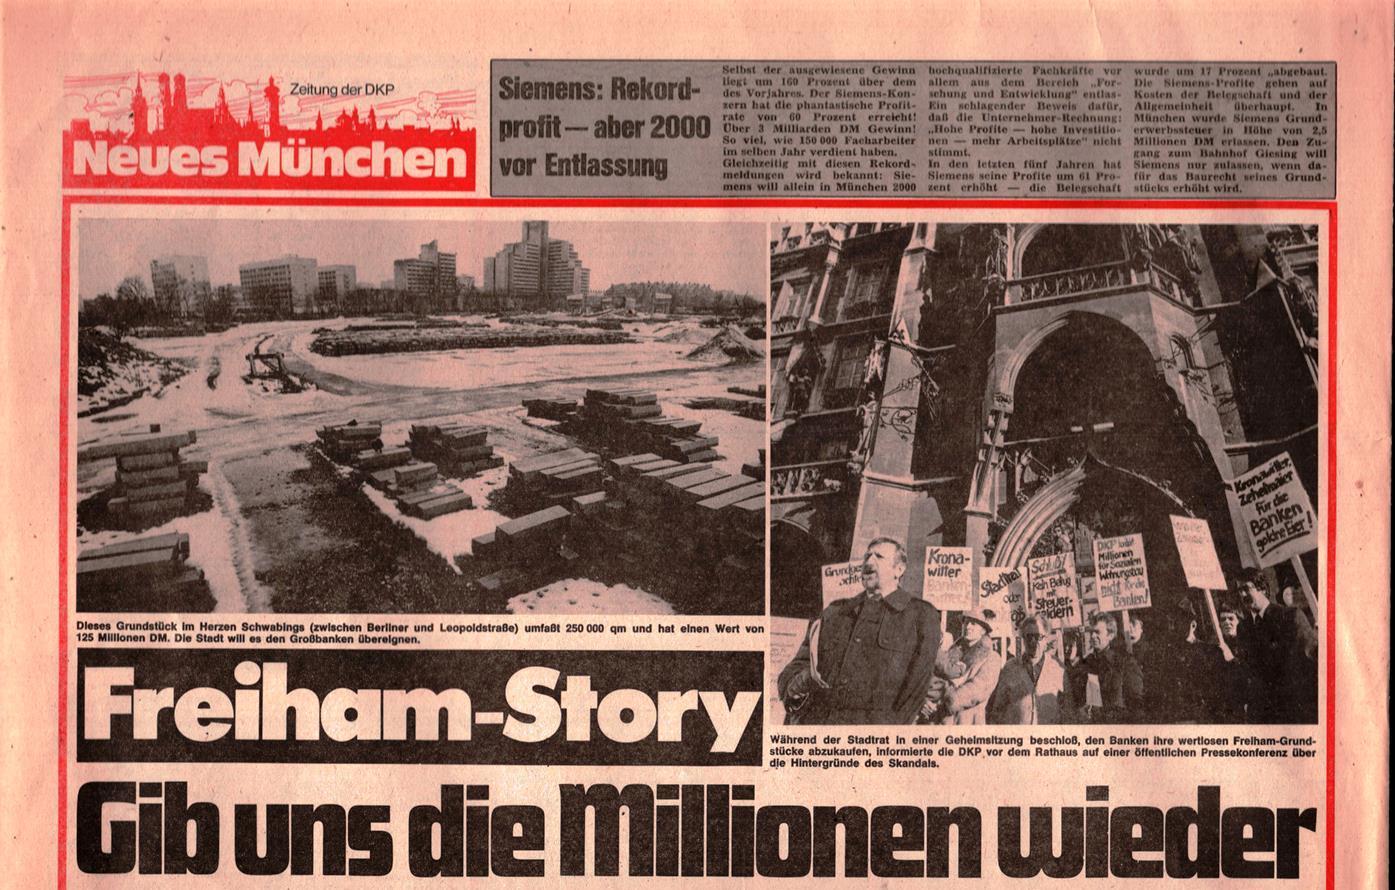 Muenchen_DKP_Neues_Muenchen_19770300_003_007